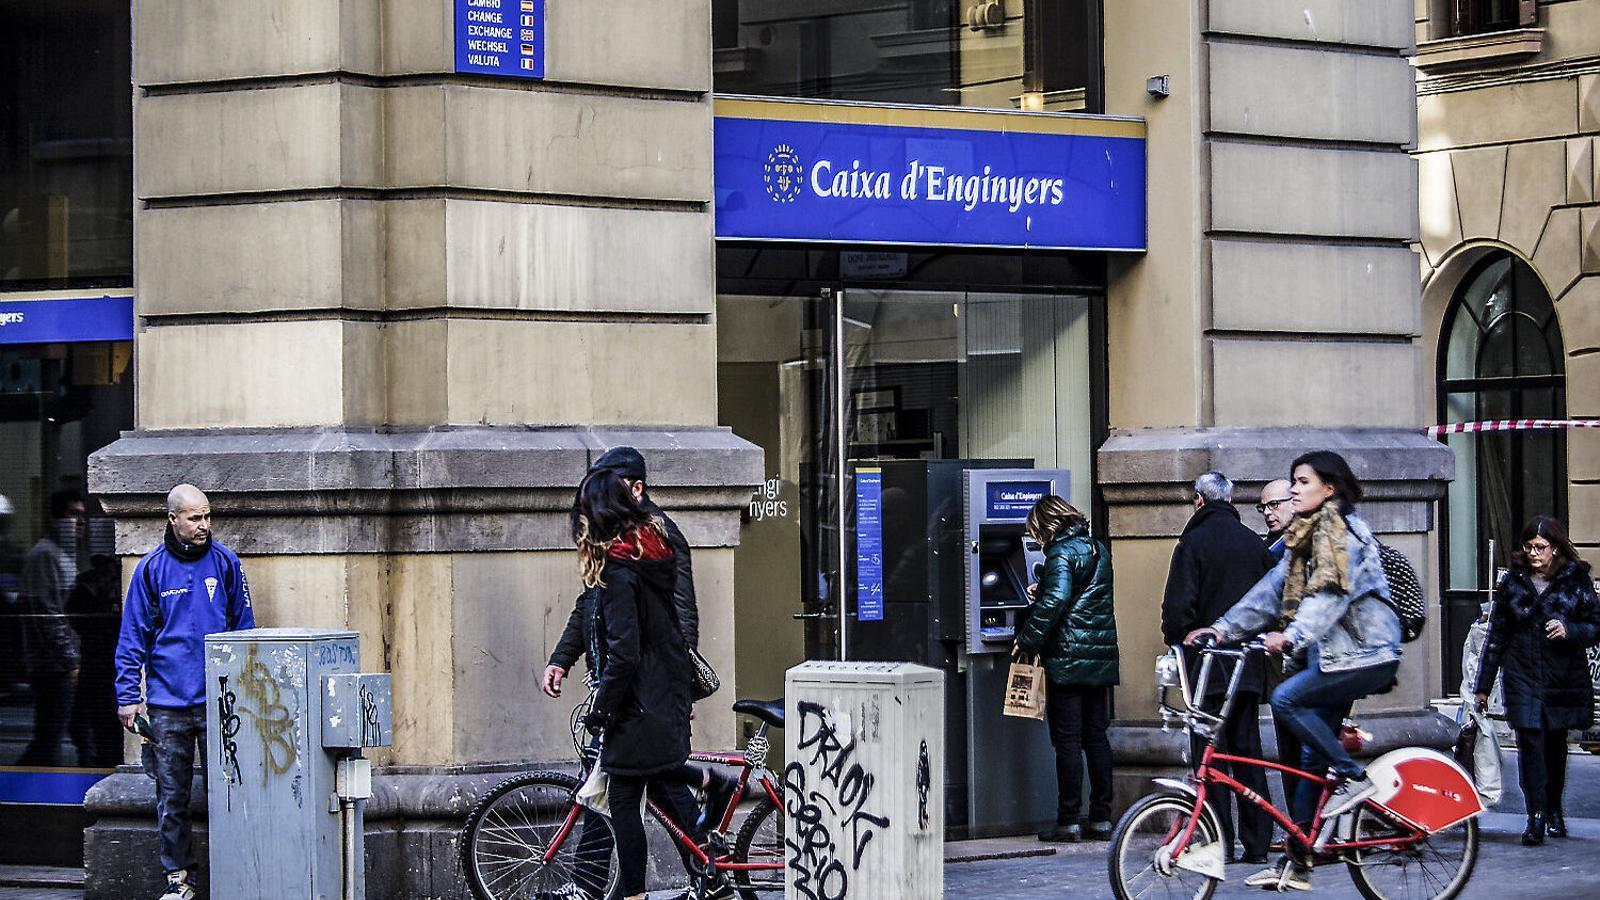 Oficina central de la Caixa d'Enginyers a Barcelona.